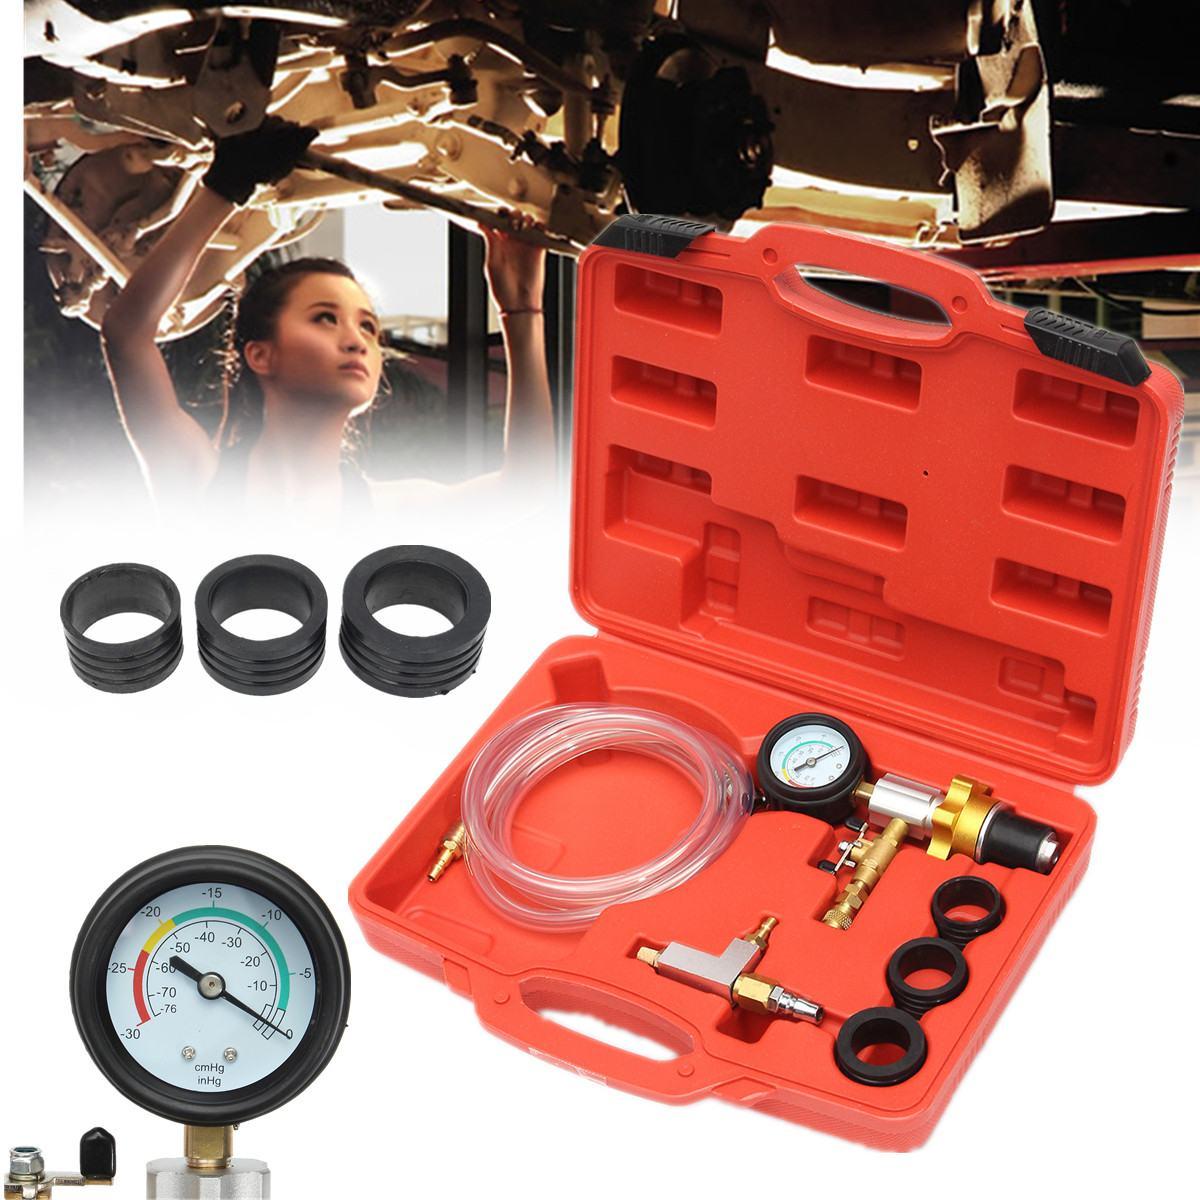 Autoleader Vakuum Kühlsystem Auto Auto Kühler Kühlmittel Refill & Spülen Werkzeug Gauge Kit Mit Luftpumpe Auto Waschen Einfach verbinden